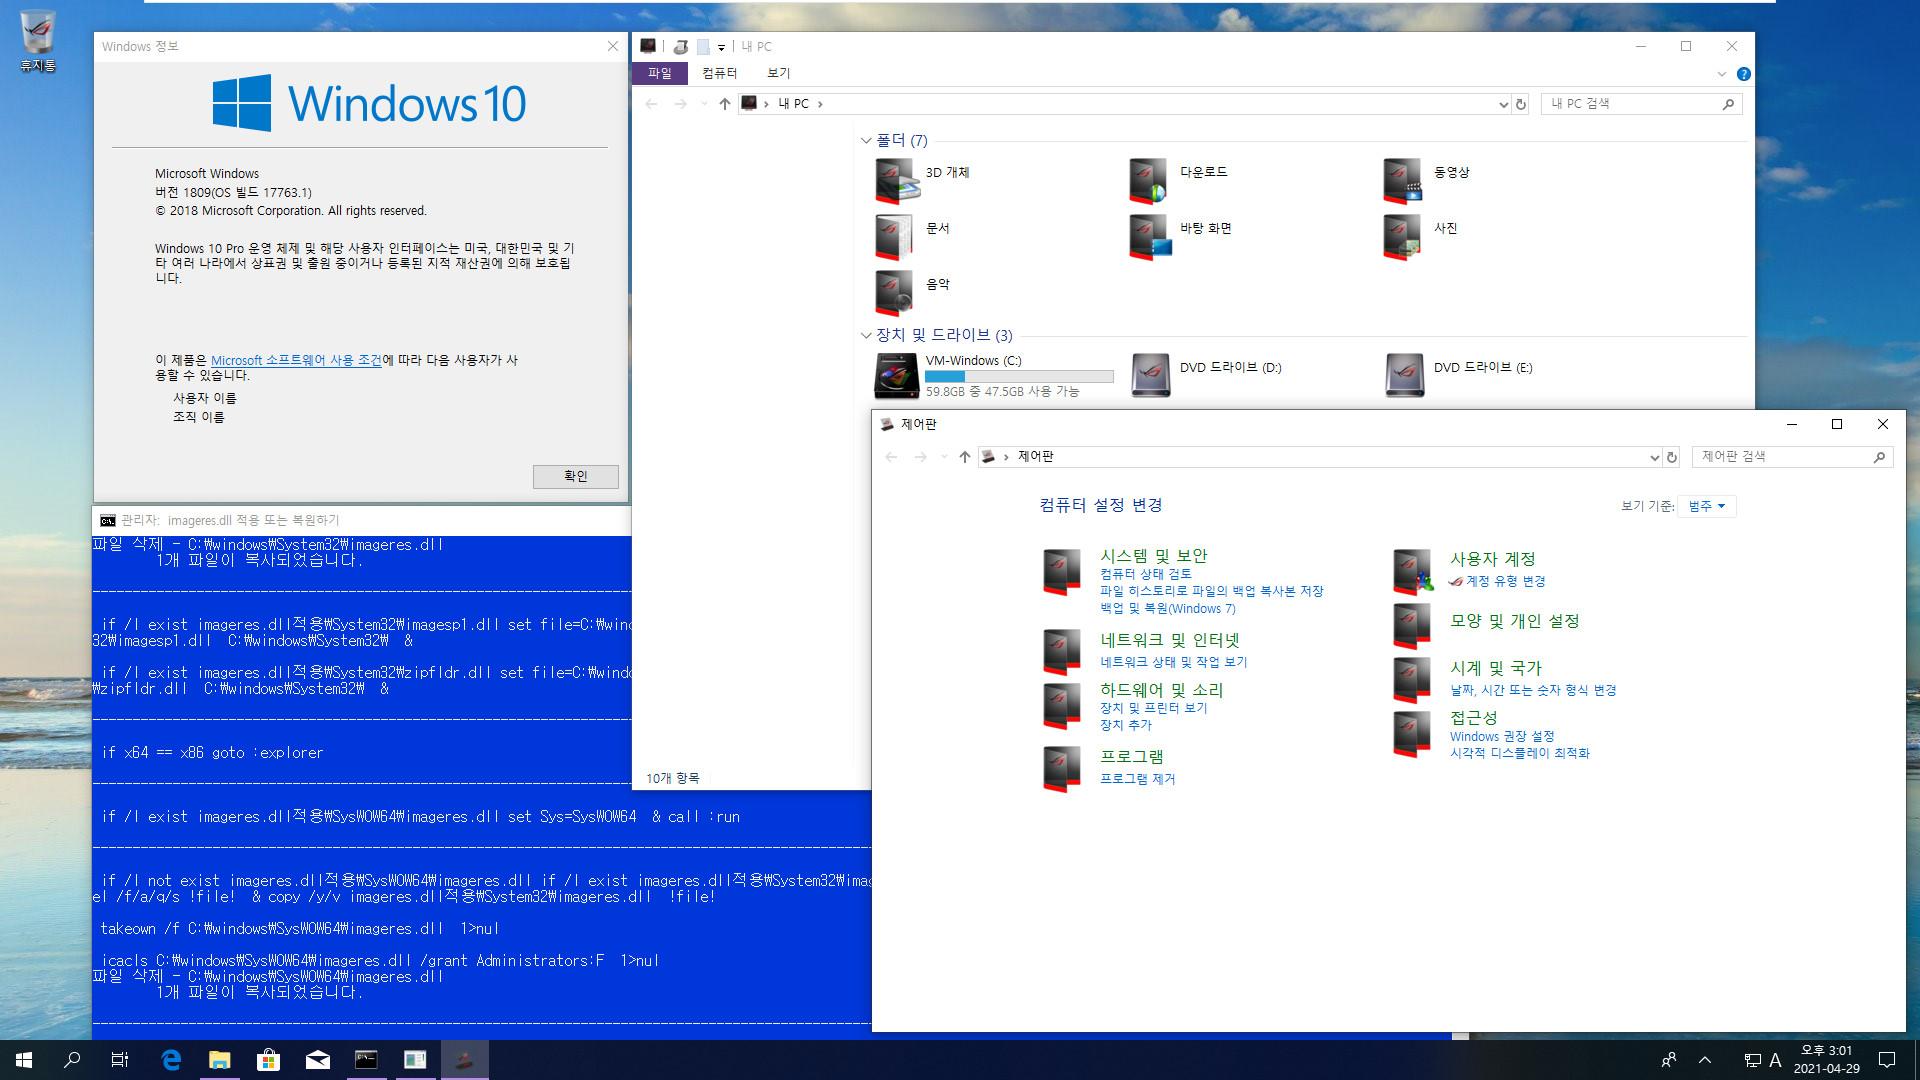 imageres.dll적용 테스트 - Windows 10 ROG EDITION 2020 v7 - 버전 20H2만 적용되네요 2021-04-29_150106.jpg